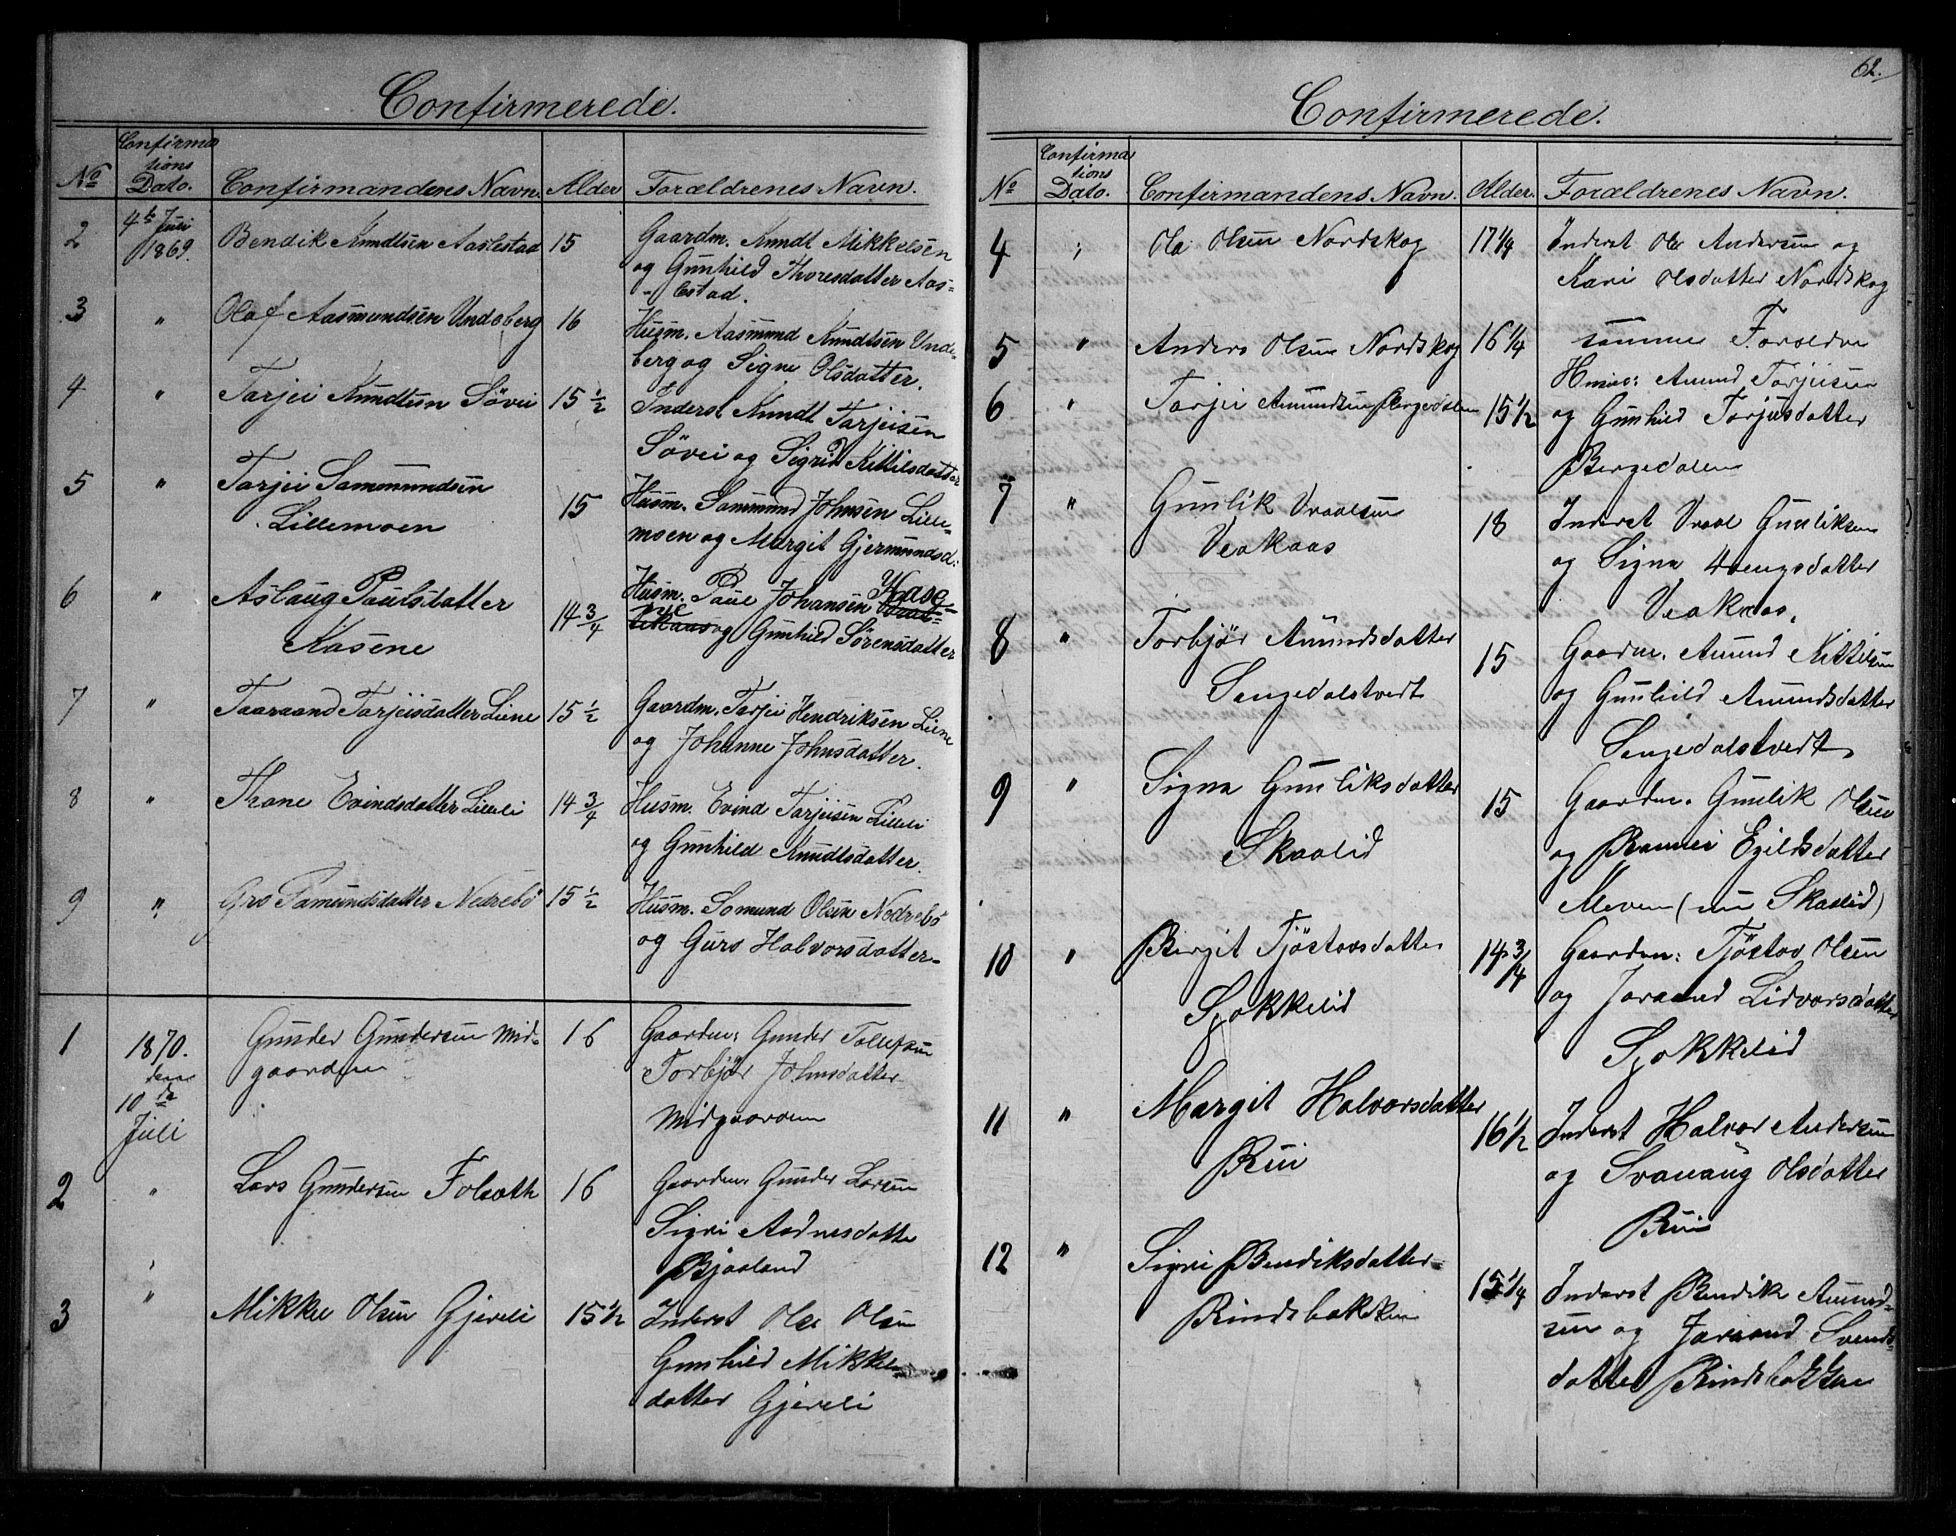 SAKO, Fyresdal kirkebøker, G/Gb/L0001: Klokkerbok nr. II 1, 1864-1890, s. 62